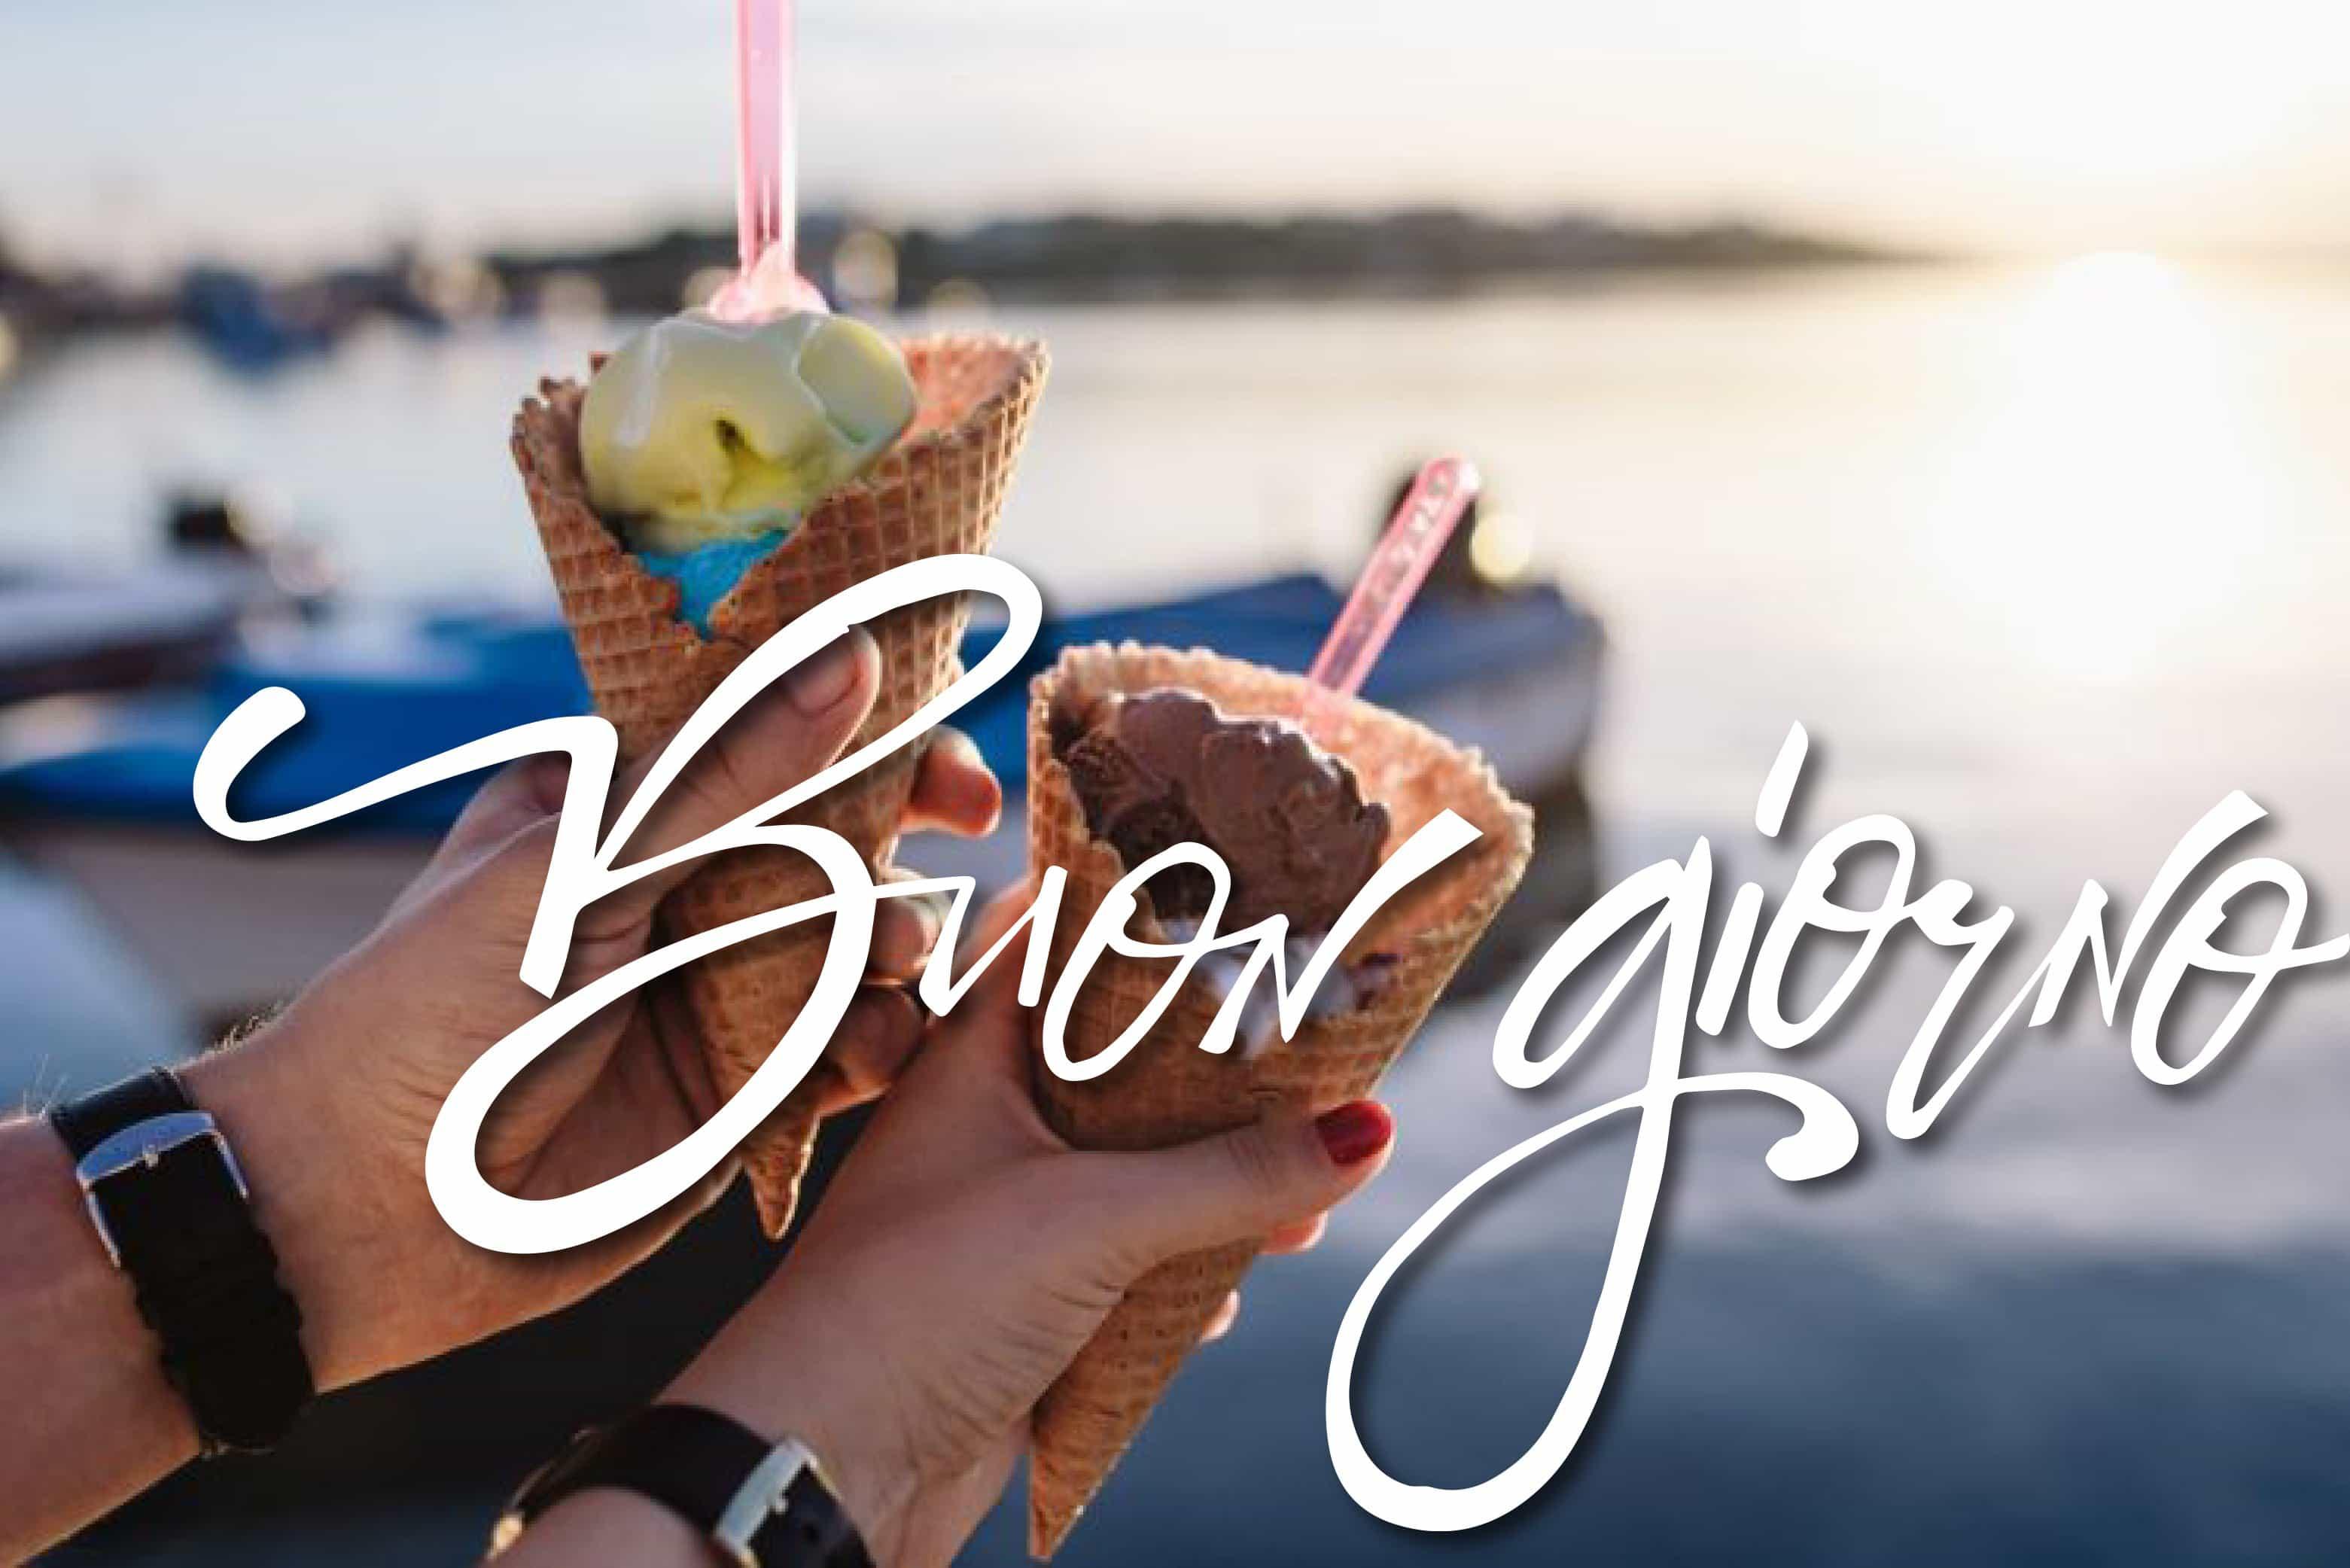 Buona giornata con il gelato